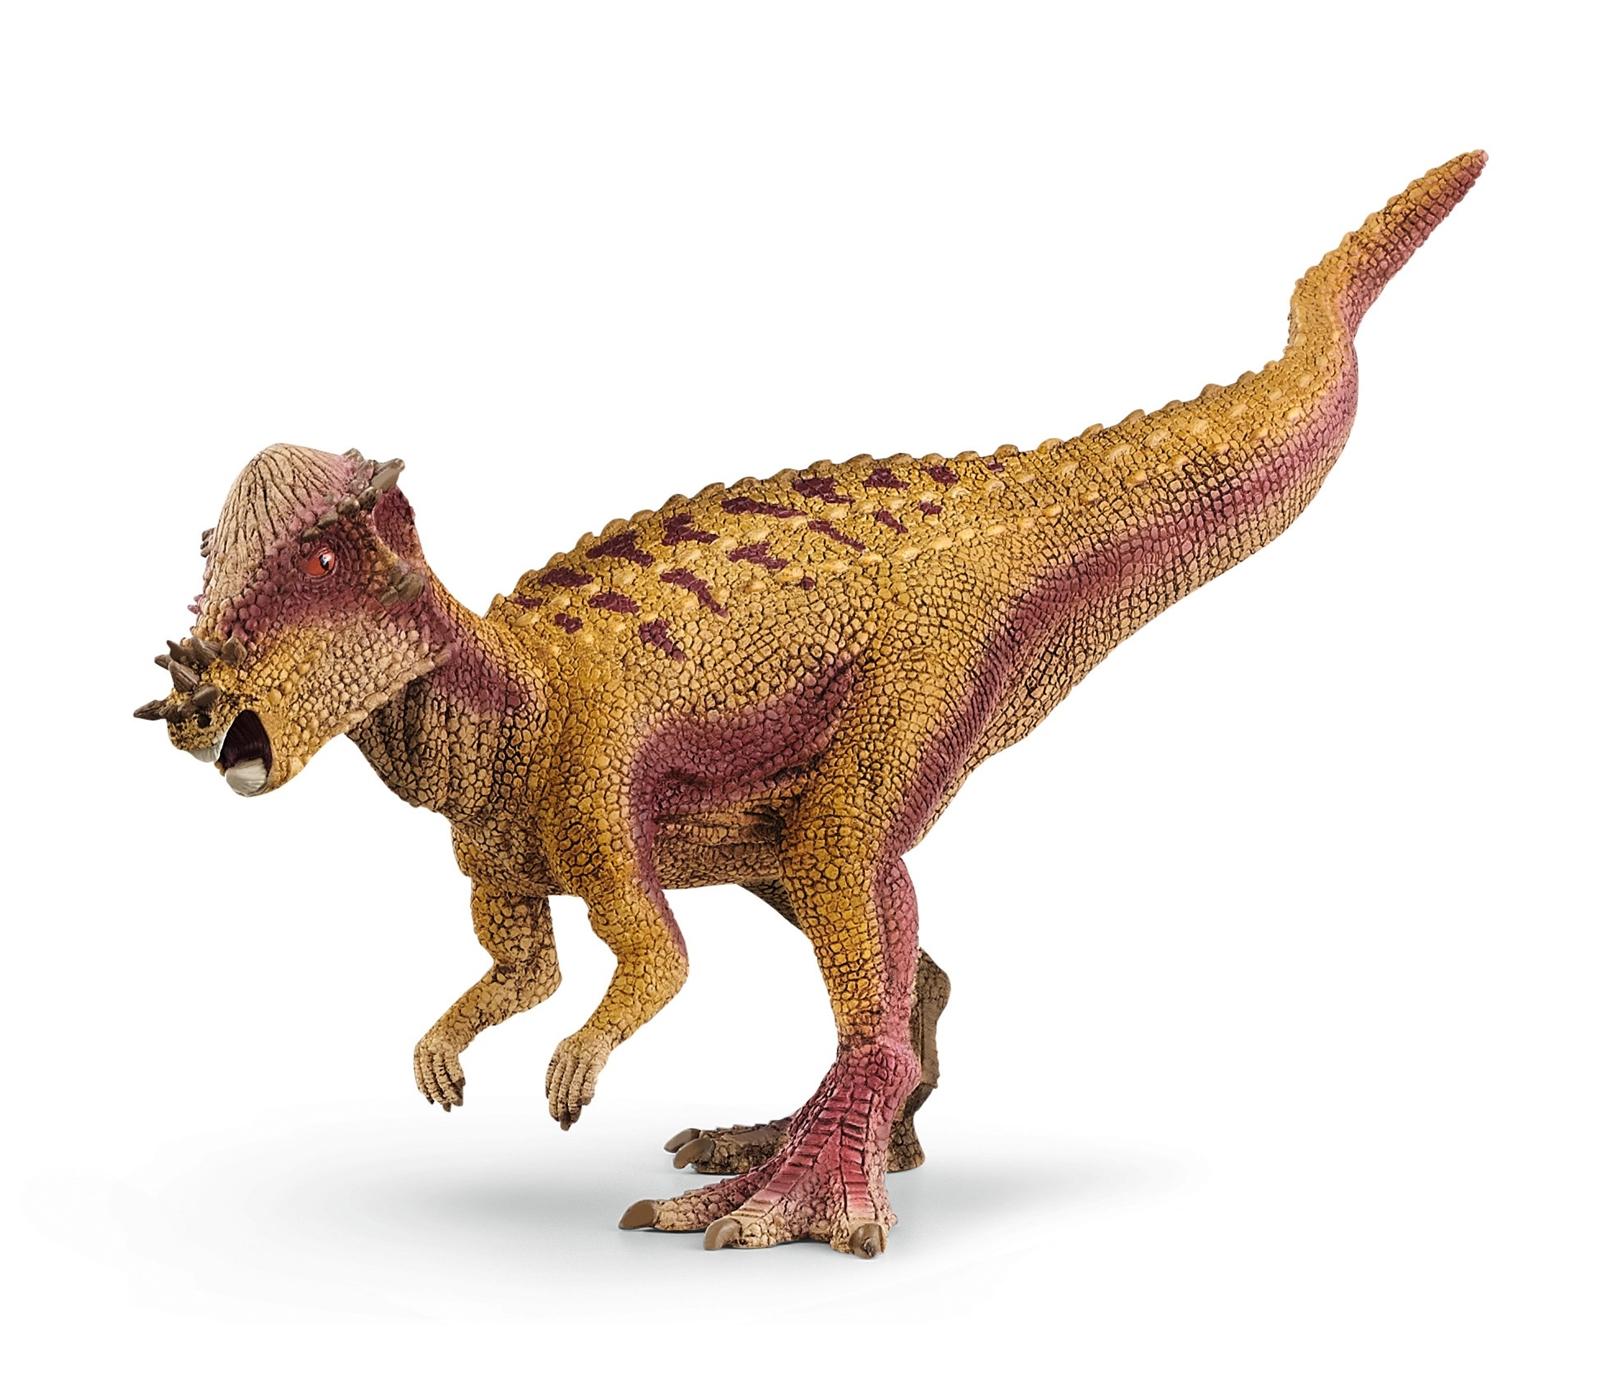 パキケファロサウルス 価格:2,728円(税込)